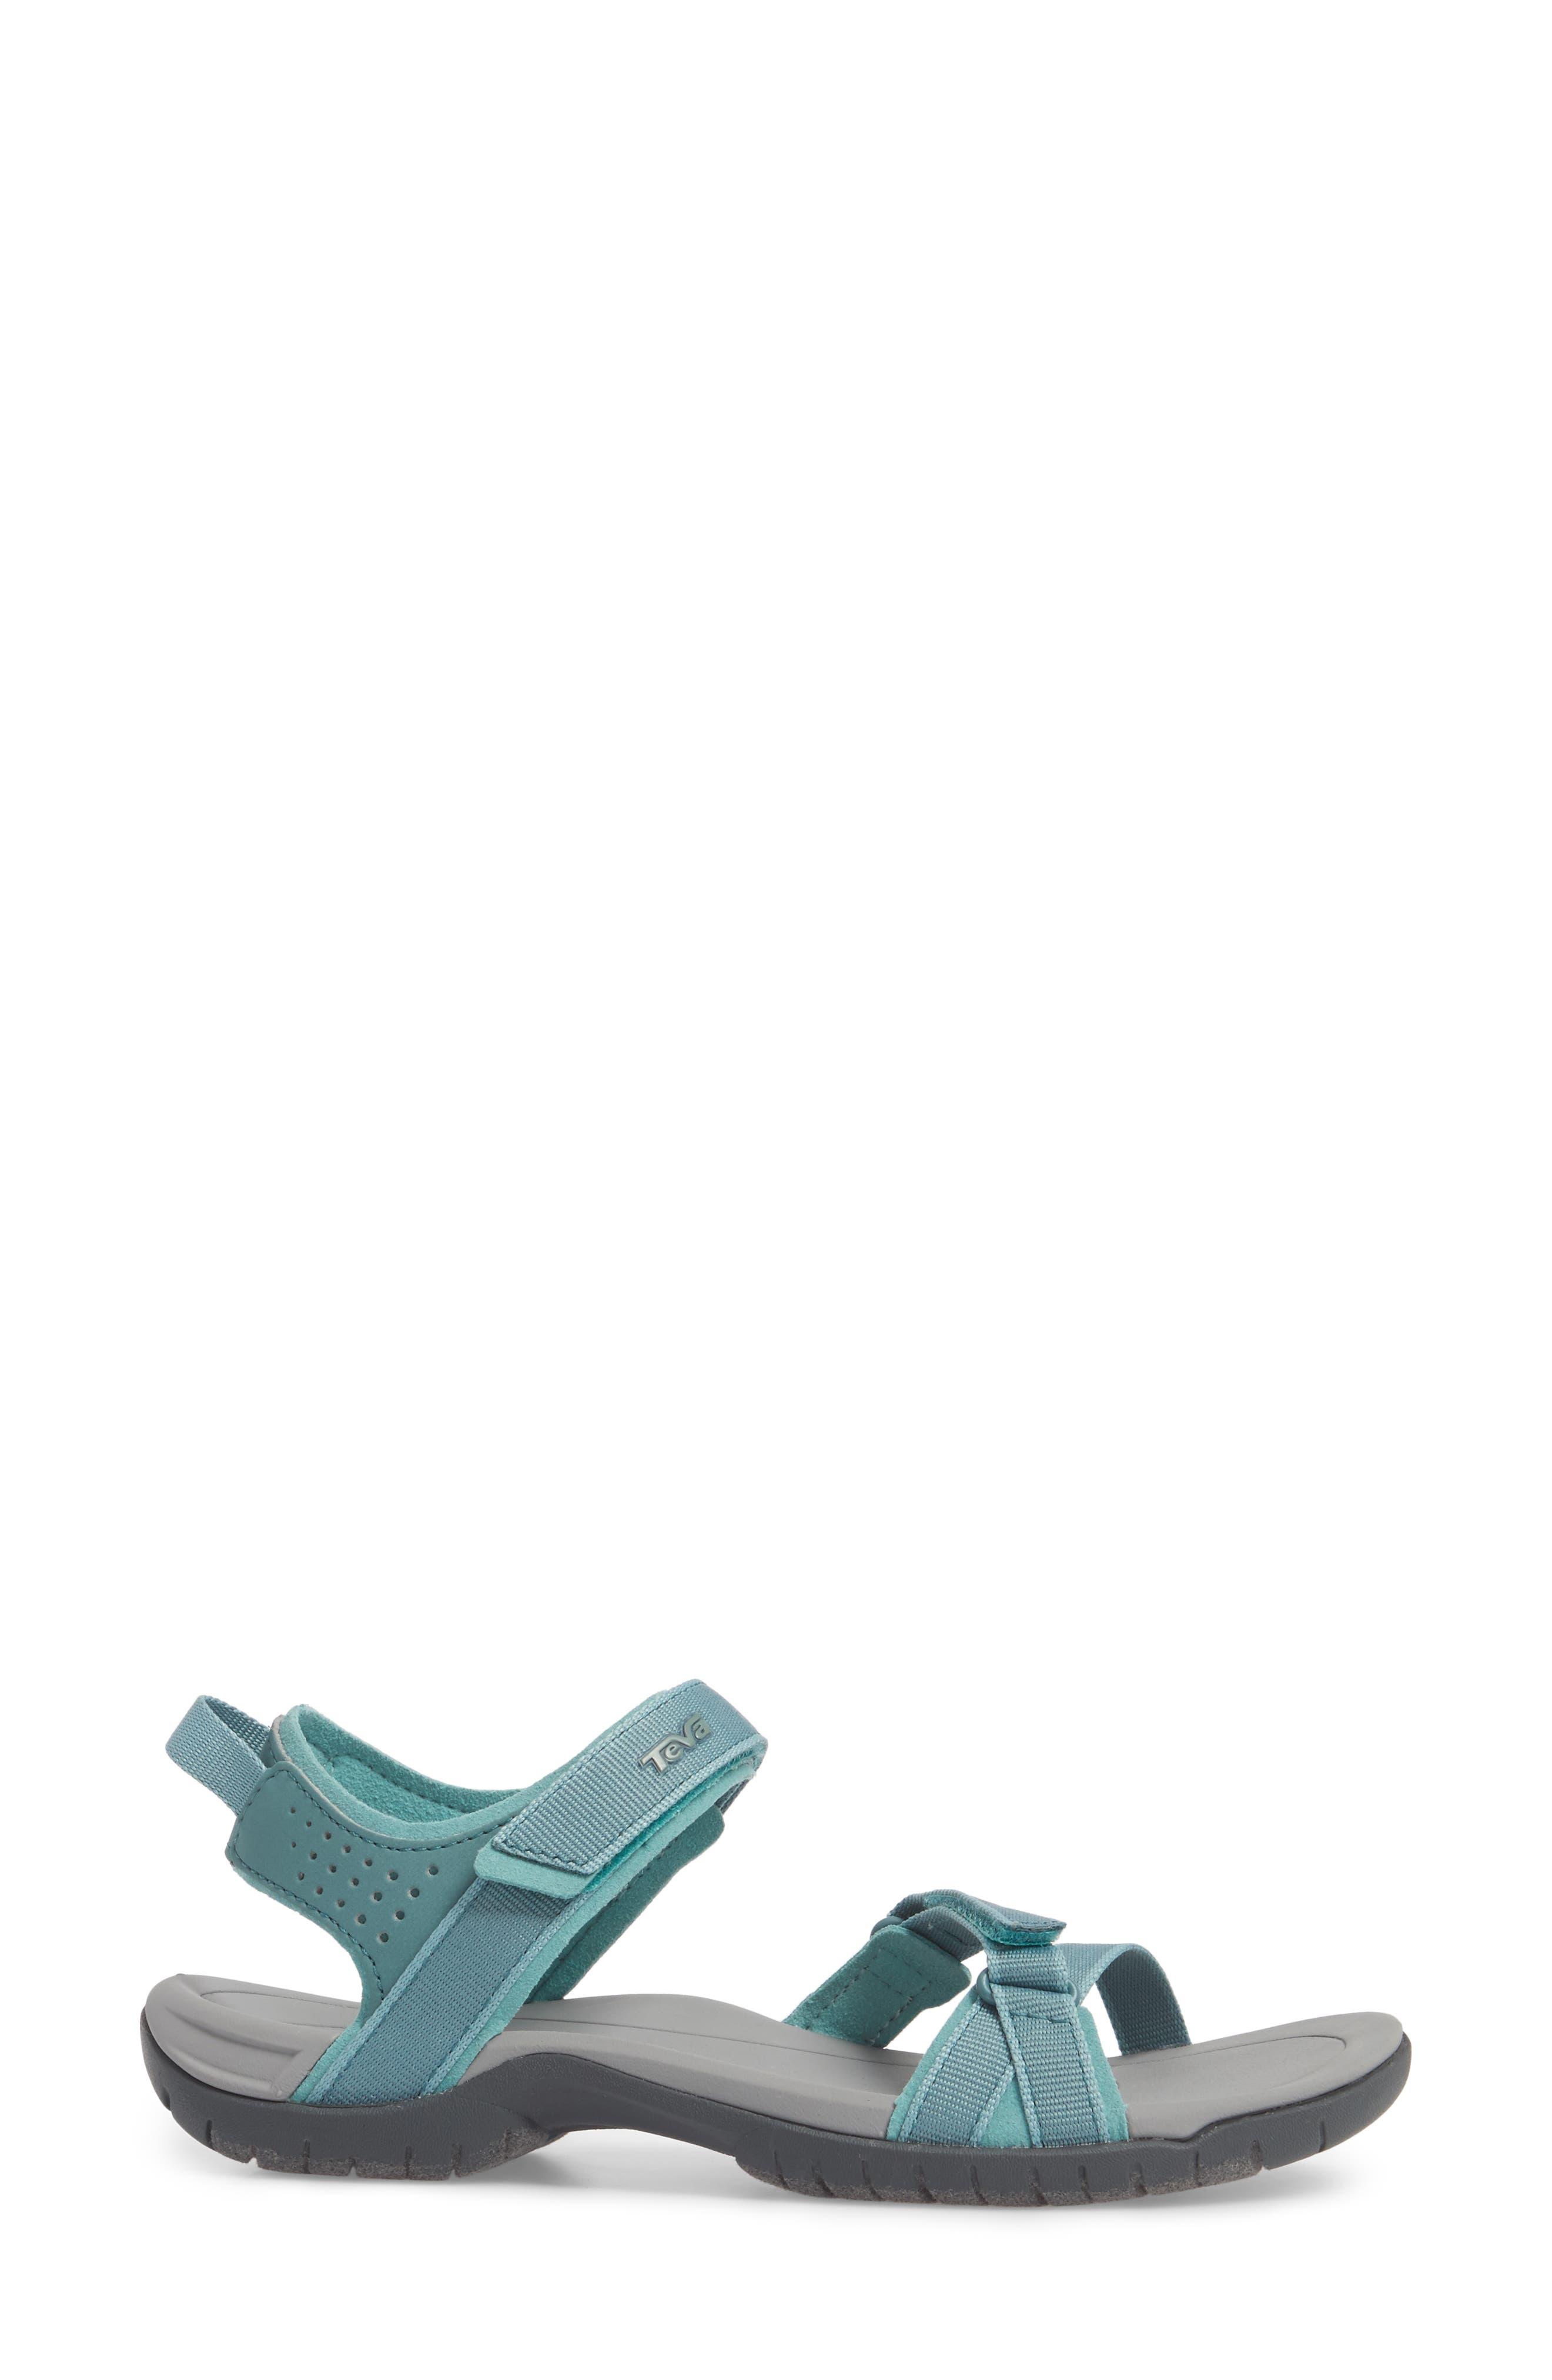 Alternate Image 3  - Teva 'Verra' Sandal (Women)